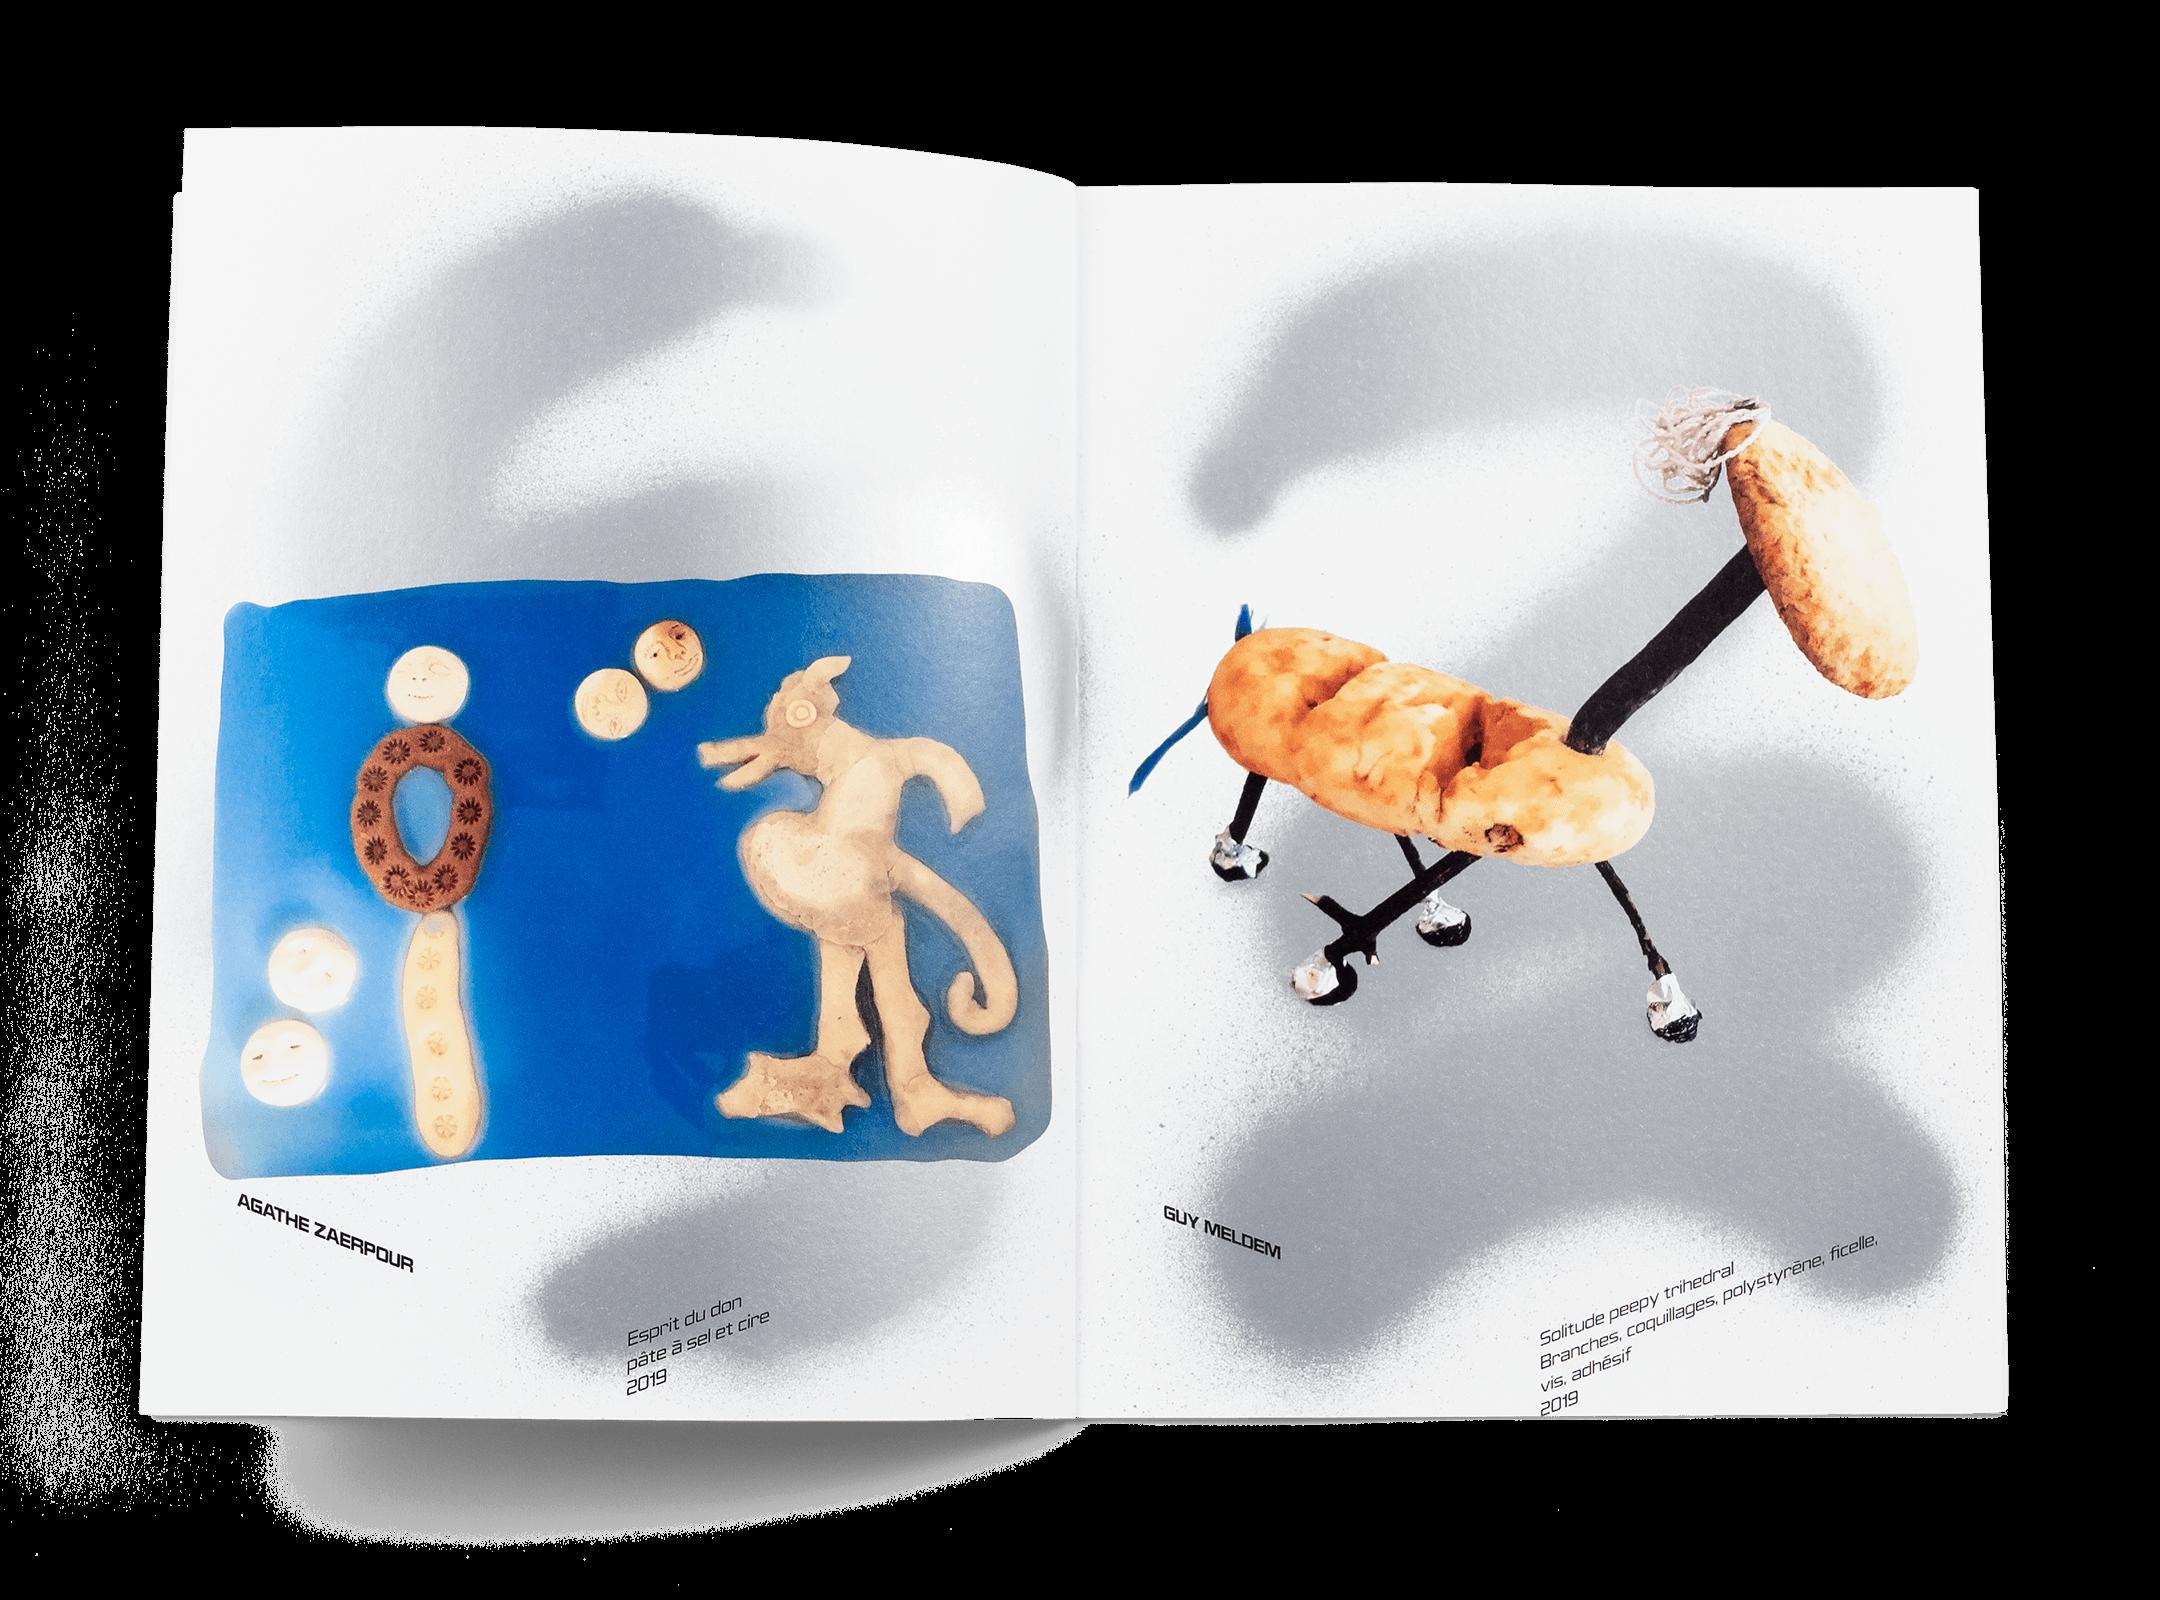 Œuvres de Agathe Zaerpour et Guy Meldem dans la brochure de l'exposition de Simon Paccaud à la Ferme de la Chapelle